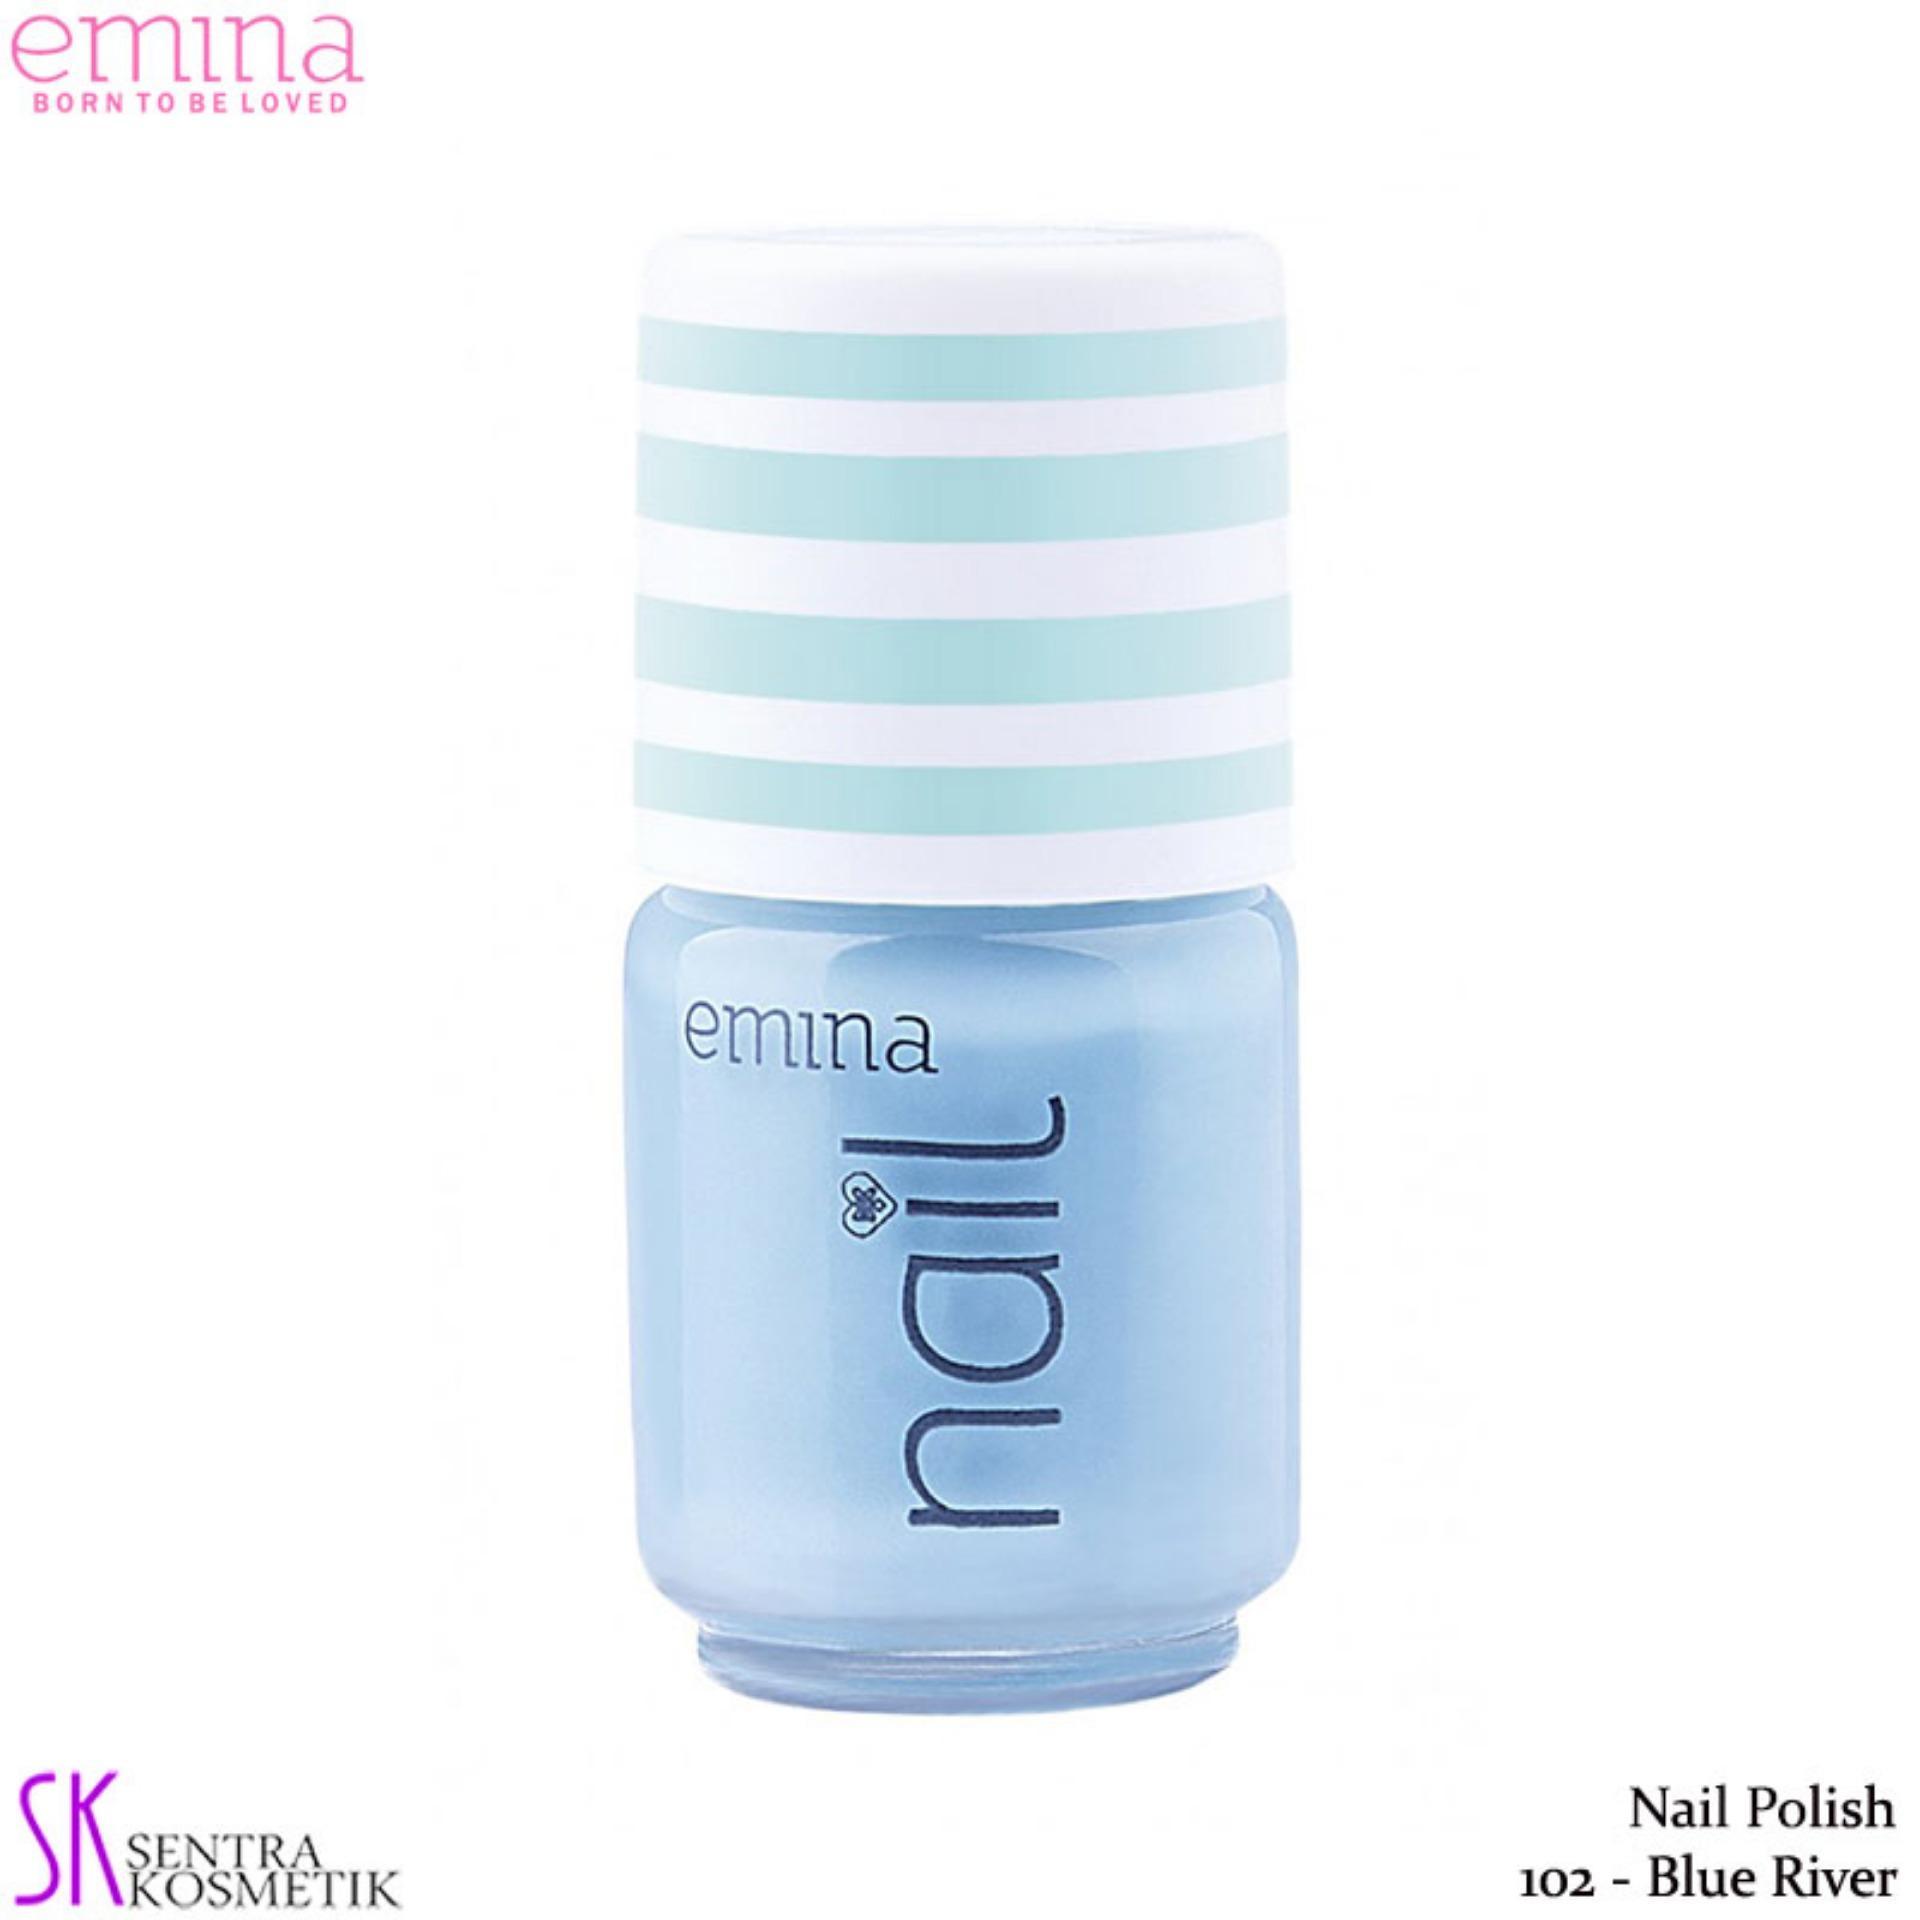 Emina Nail Polish Water Base 102 Blue River - 5 Ml By Sentra Kosmetik.